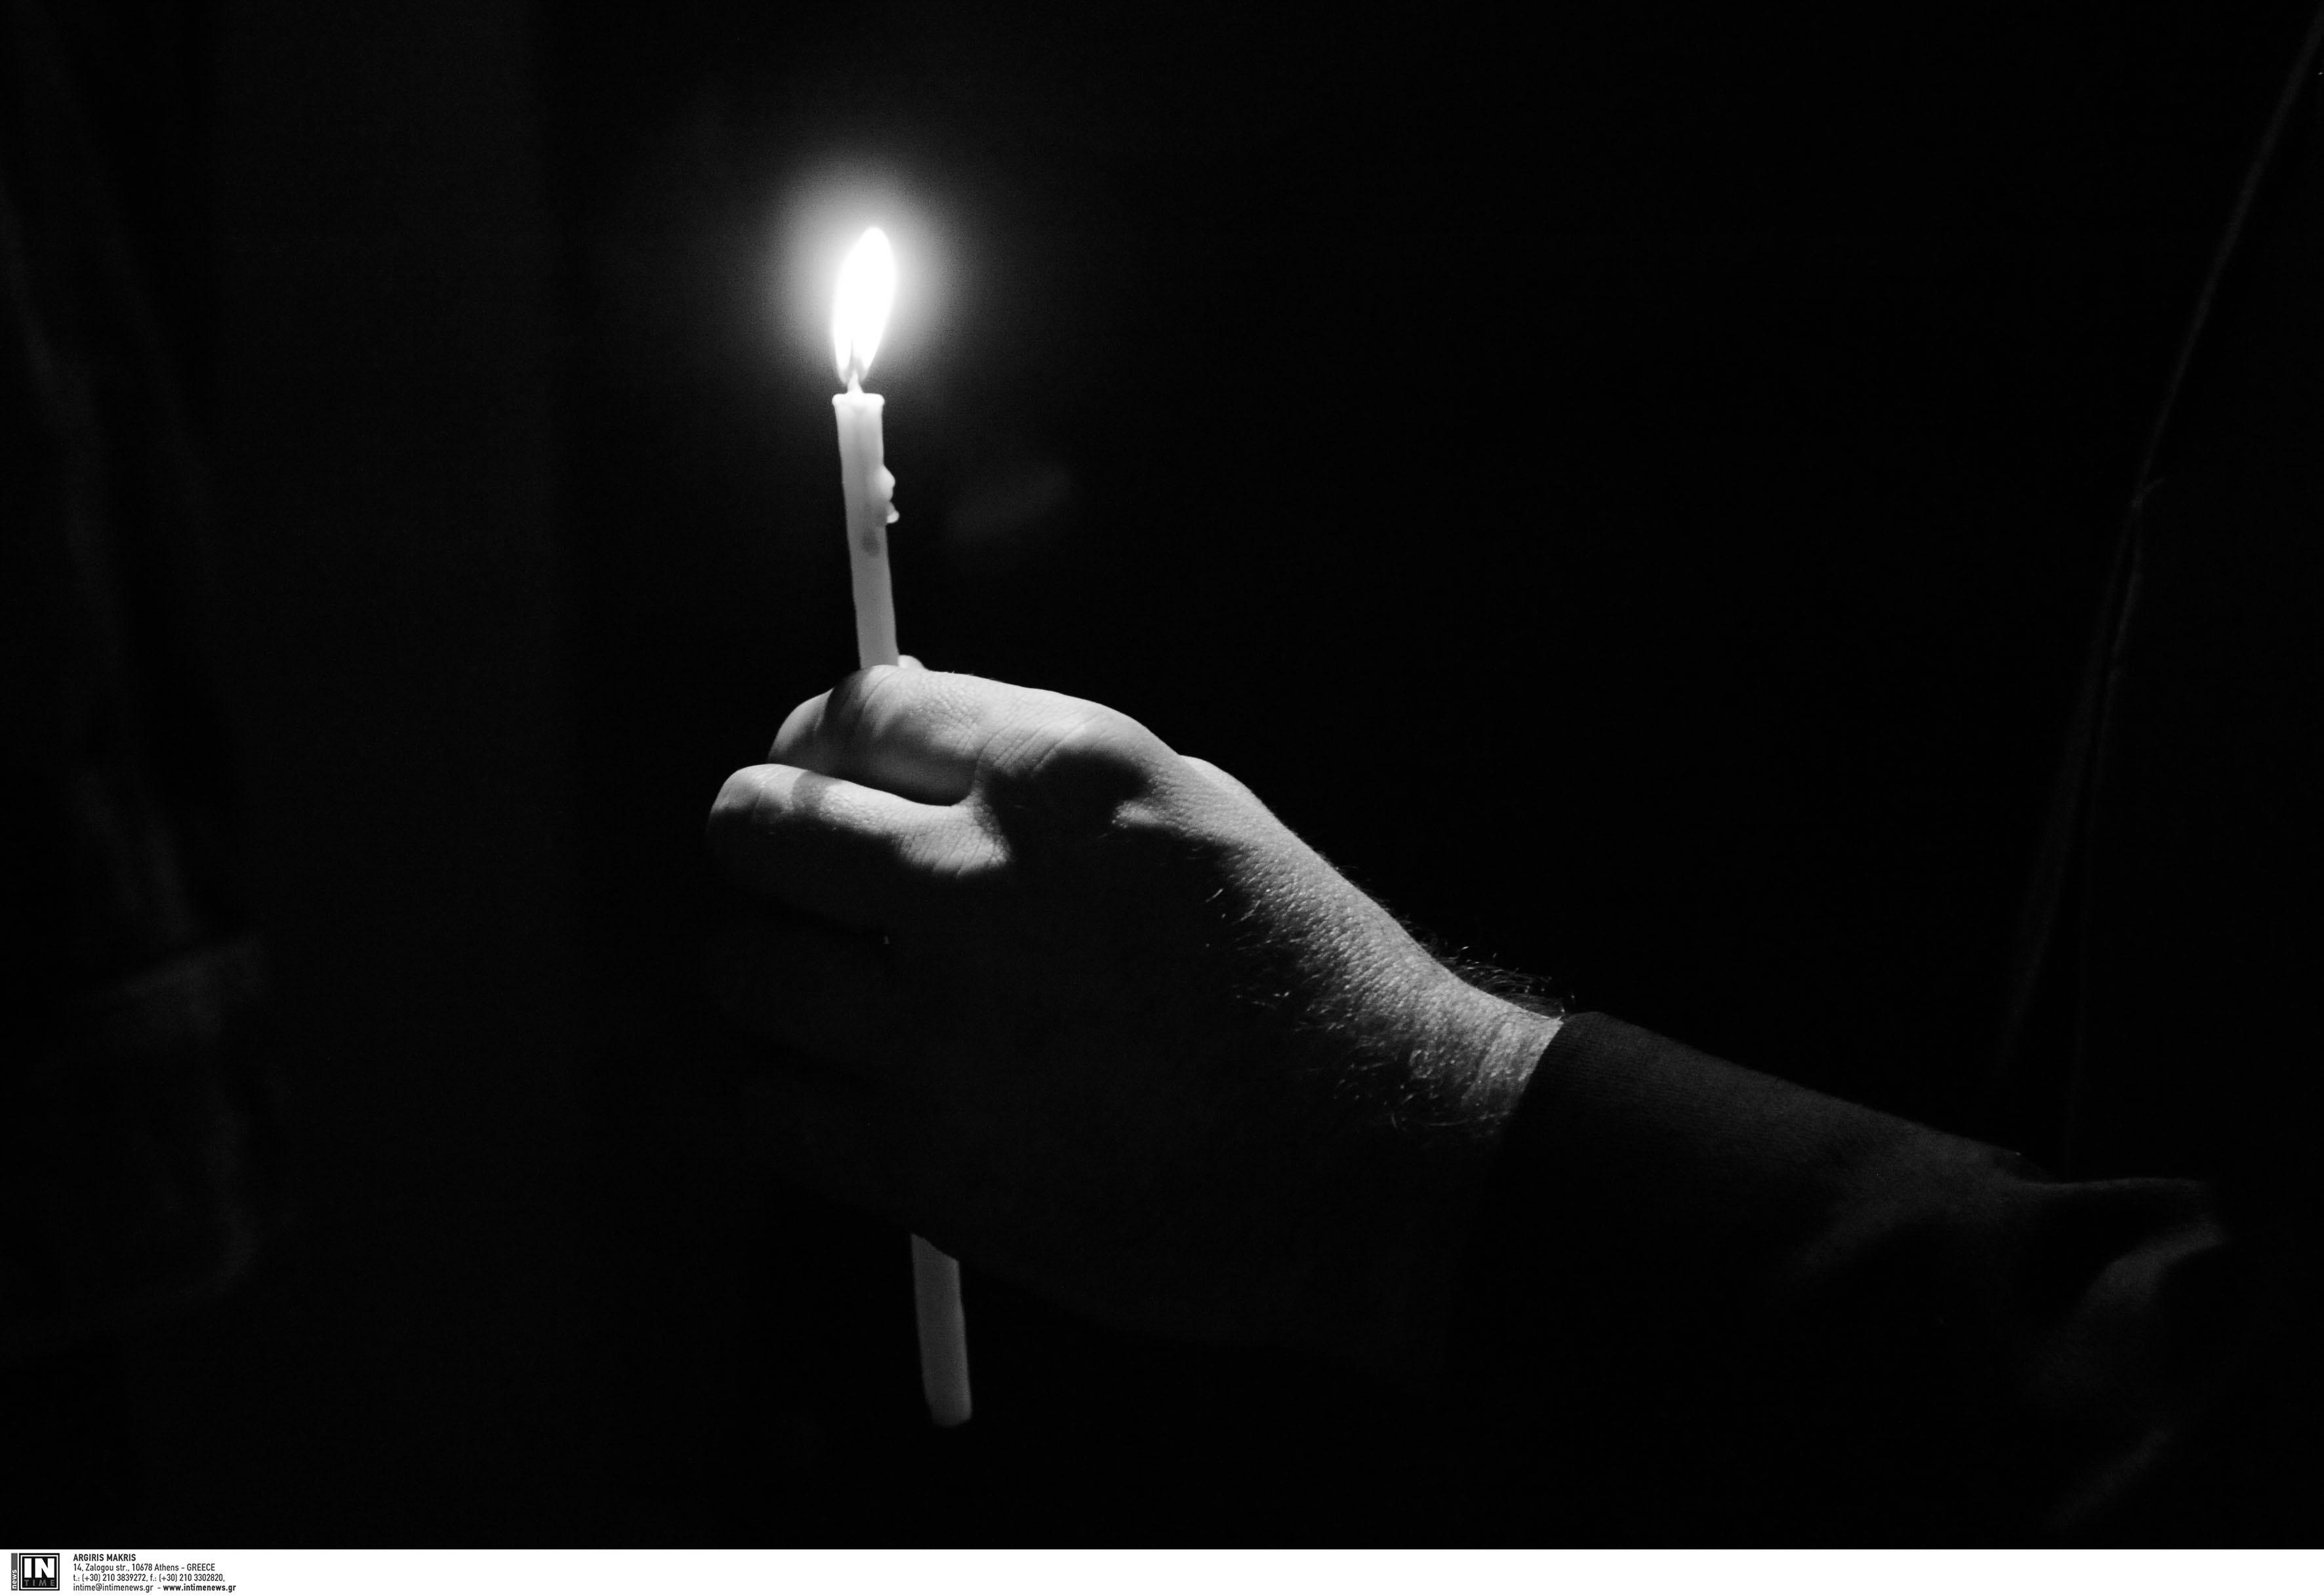 Θρήνος στο Ηράκλειο: Σήμερα το τελευταίο αντίο στον Νίκο Μαθιουδάκη [pics]